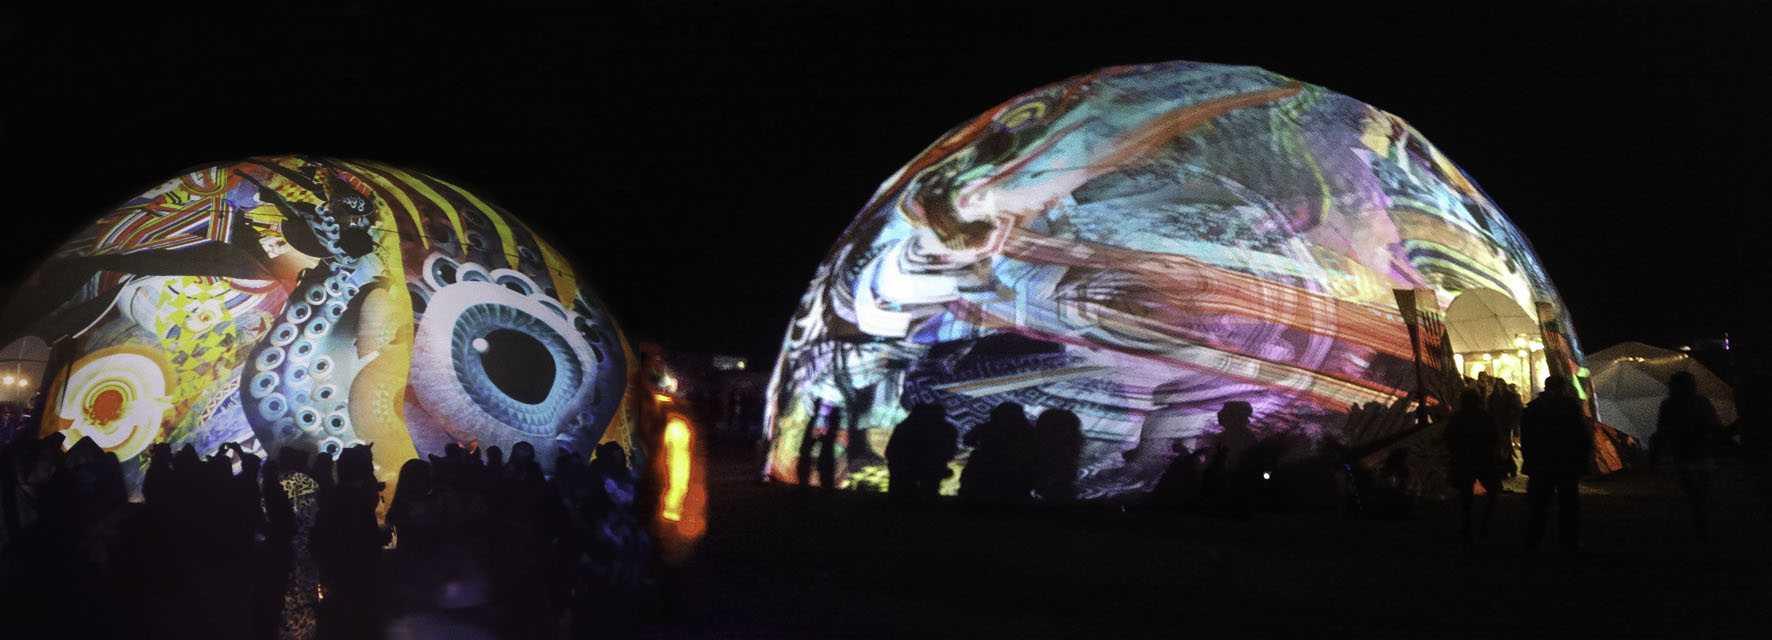 Illumination Dome - Pacific Domes